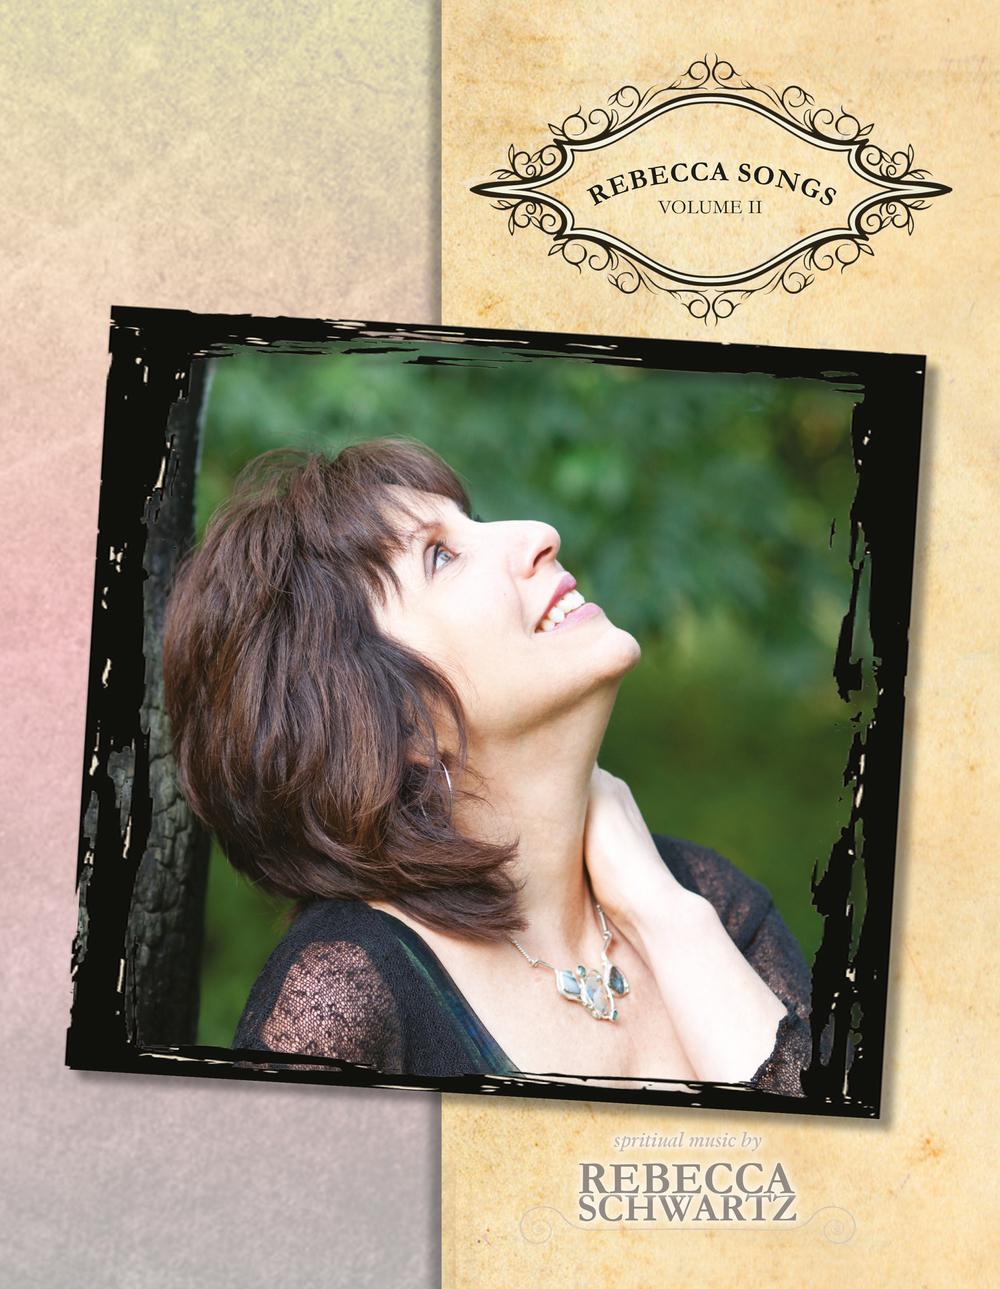 Rebecca-Songs-Volume-II-cover.jpg